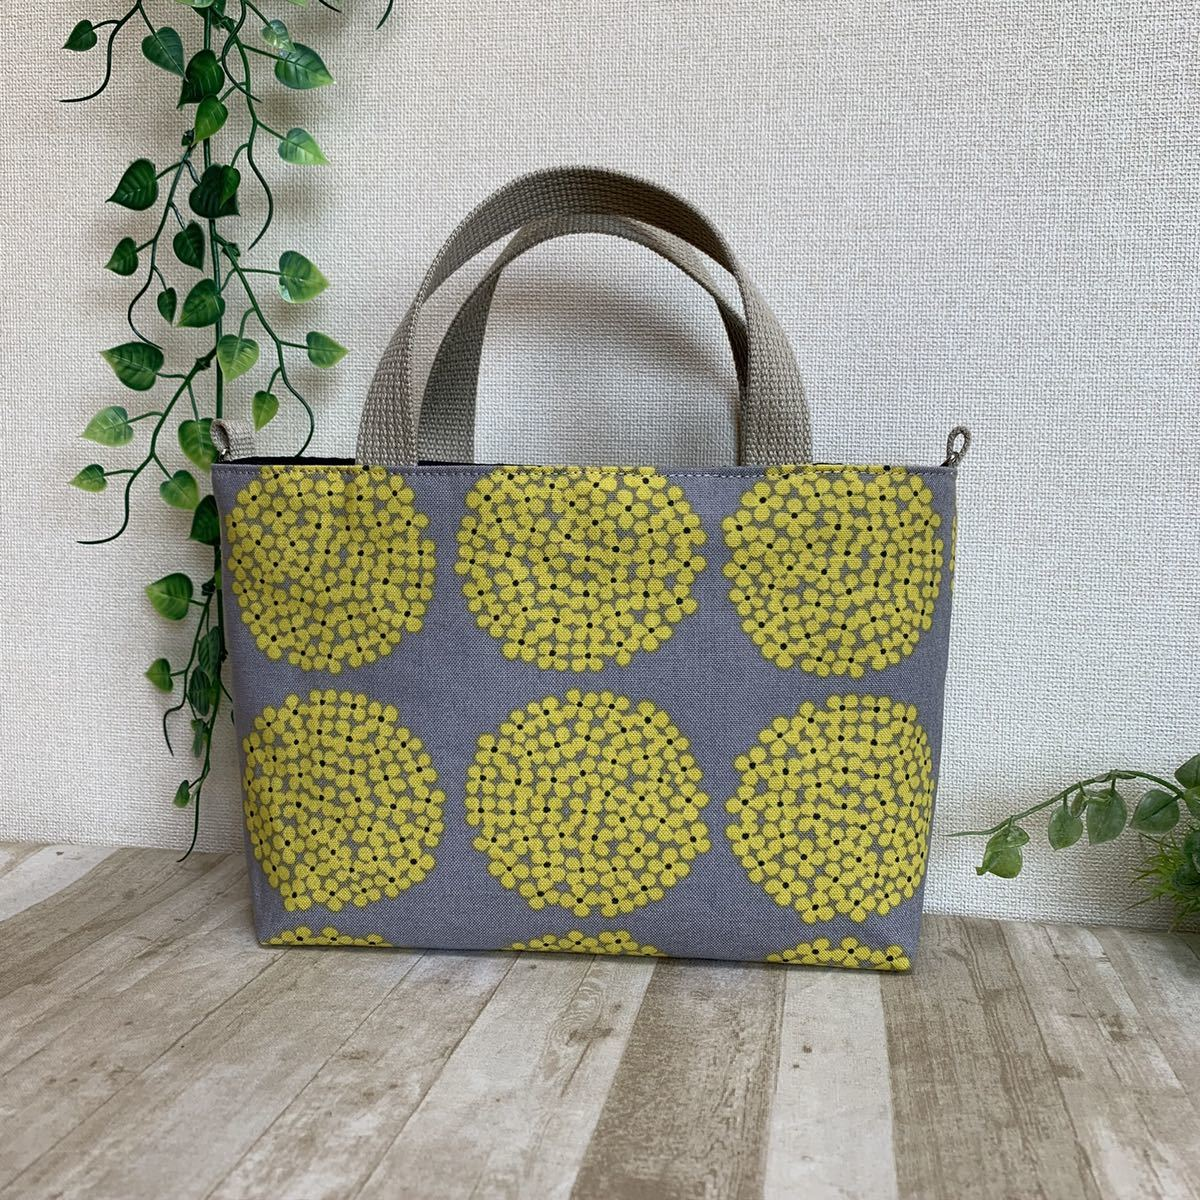 長財布も入る バックインバック ハンドバック ショルダー可能 紫陽花 グレー地黄花柄 ハンドメイド